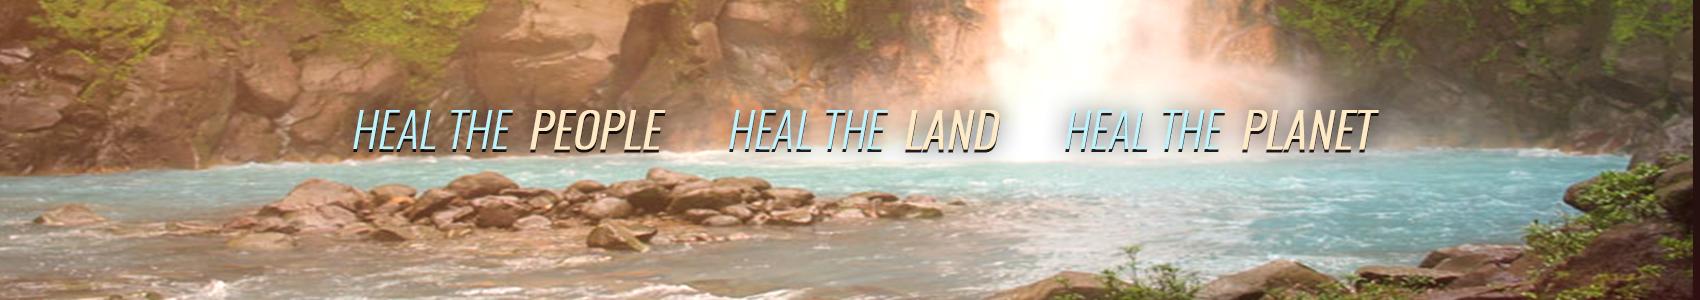 HealThePeopleSlide-2